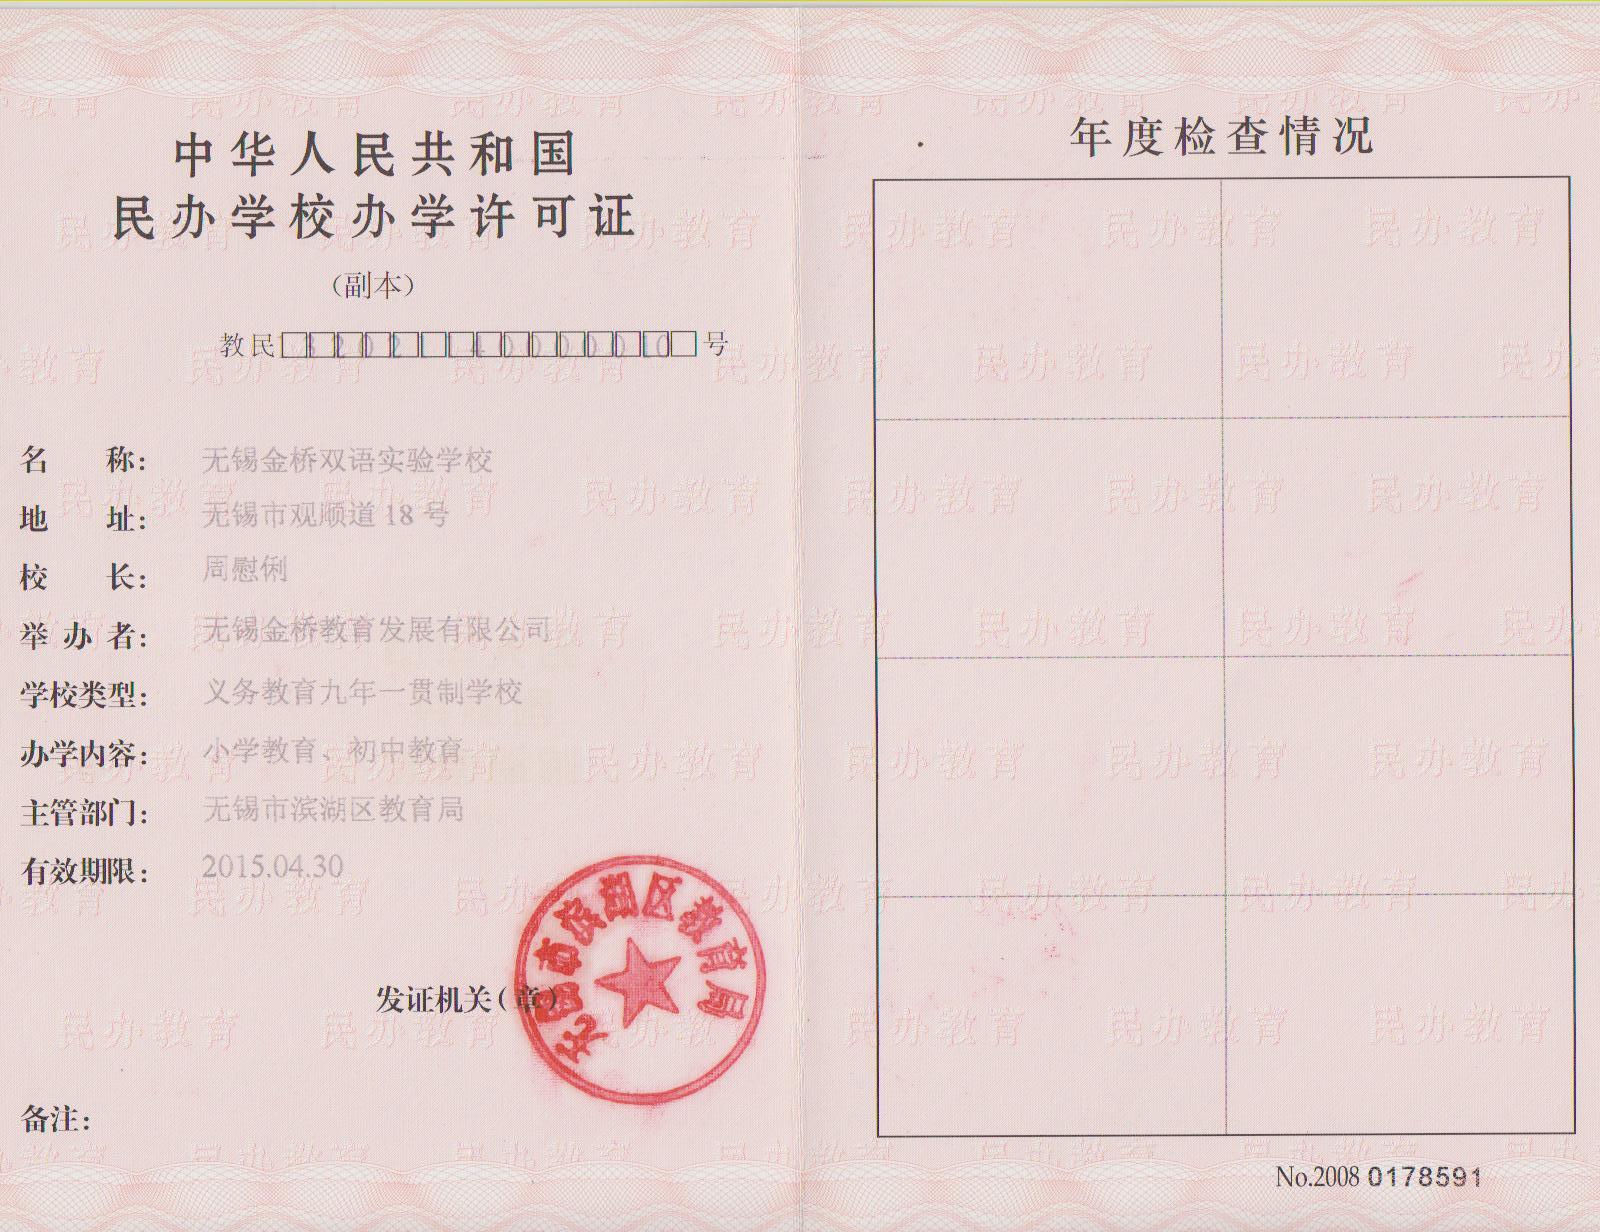 金桥双语实验学校九年一贯制办学许可证